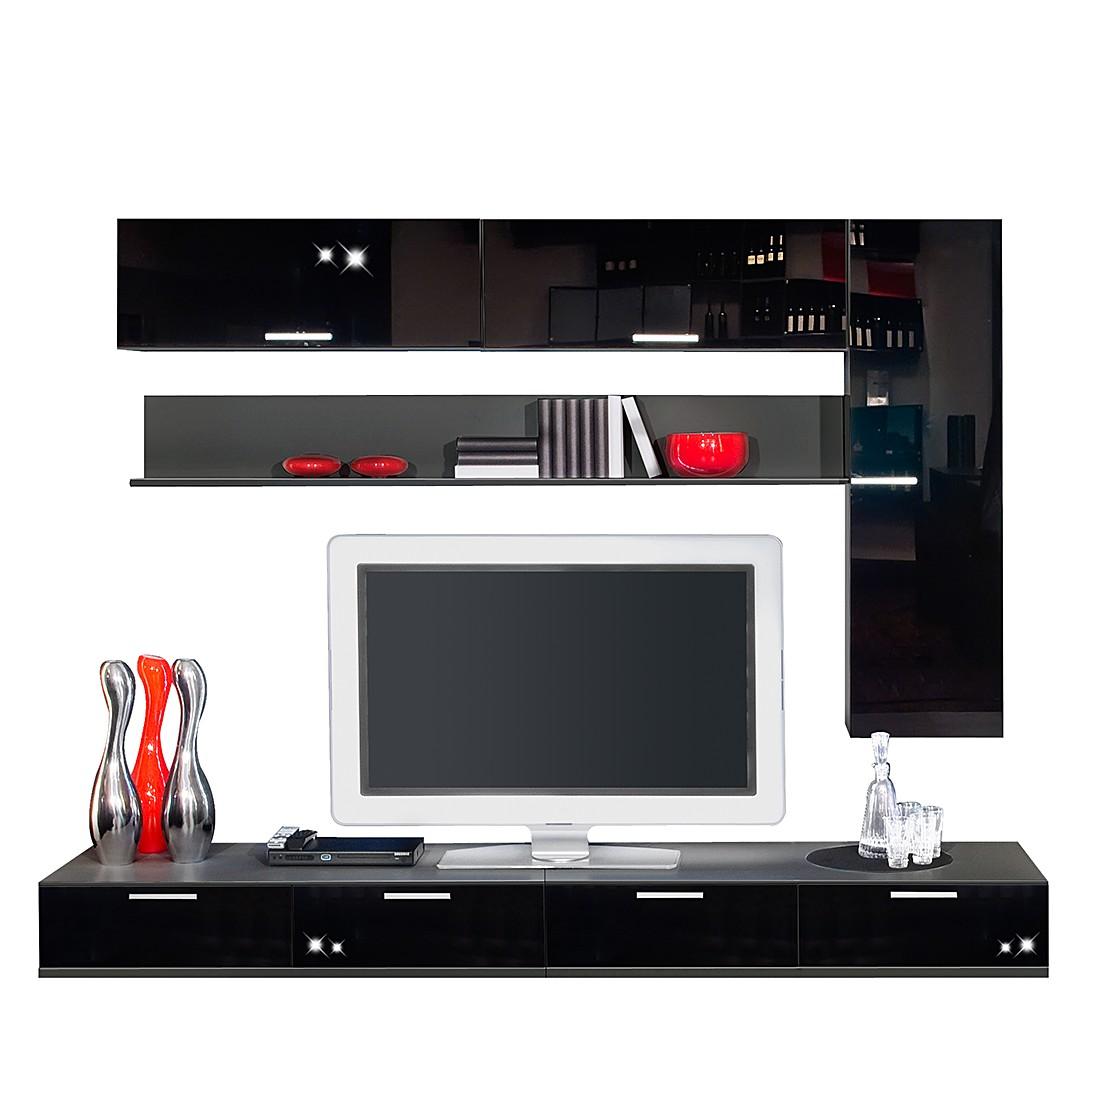 waschmaschinenschrank schwarz haus design und m bel ideen. Black Bedroom Furniture Sets. Home Design Ideas